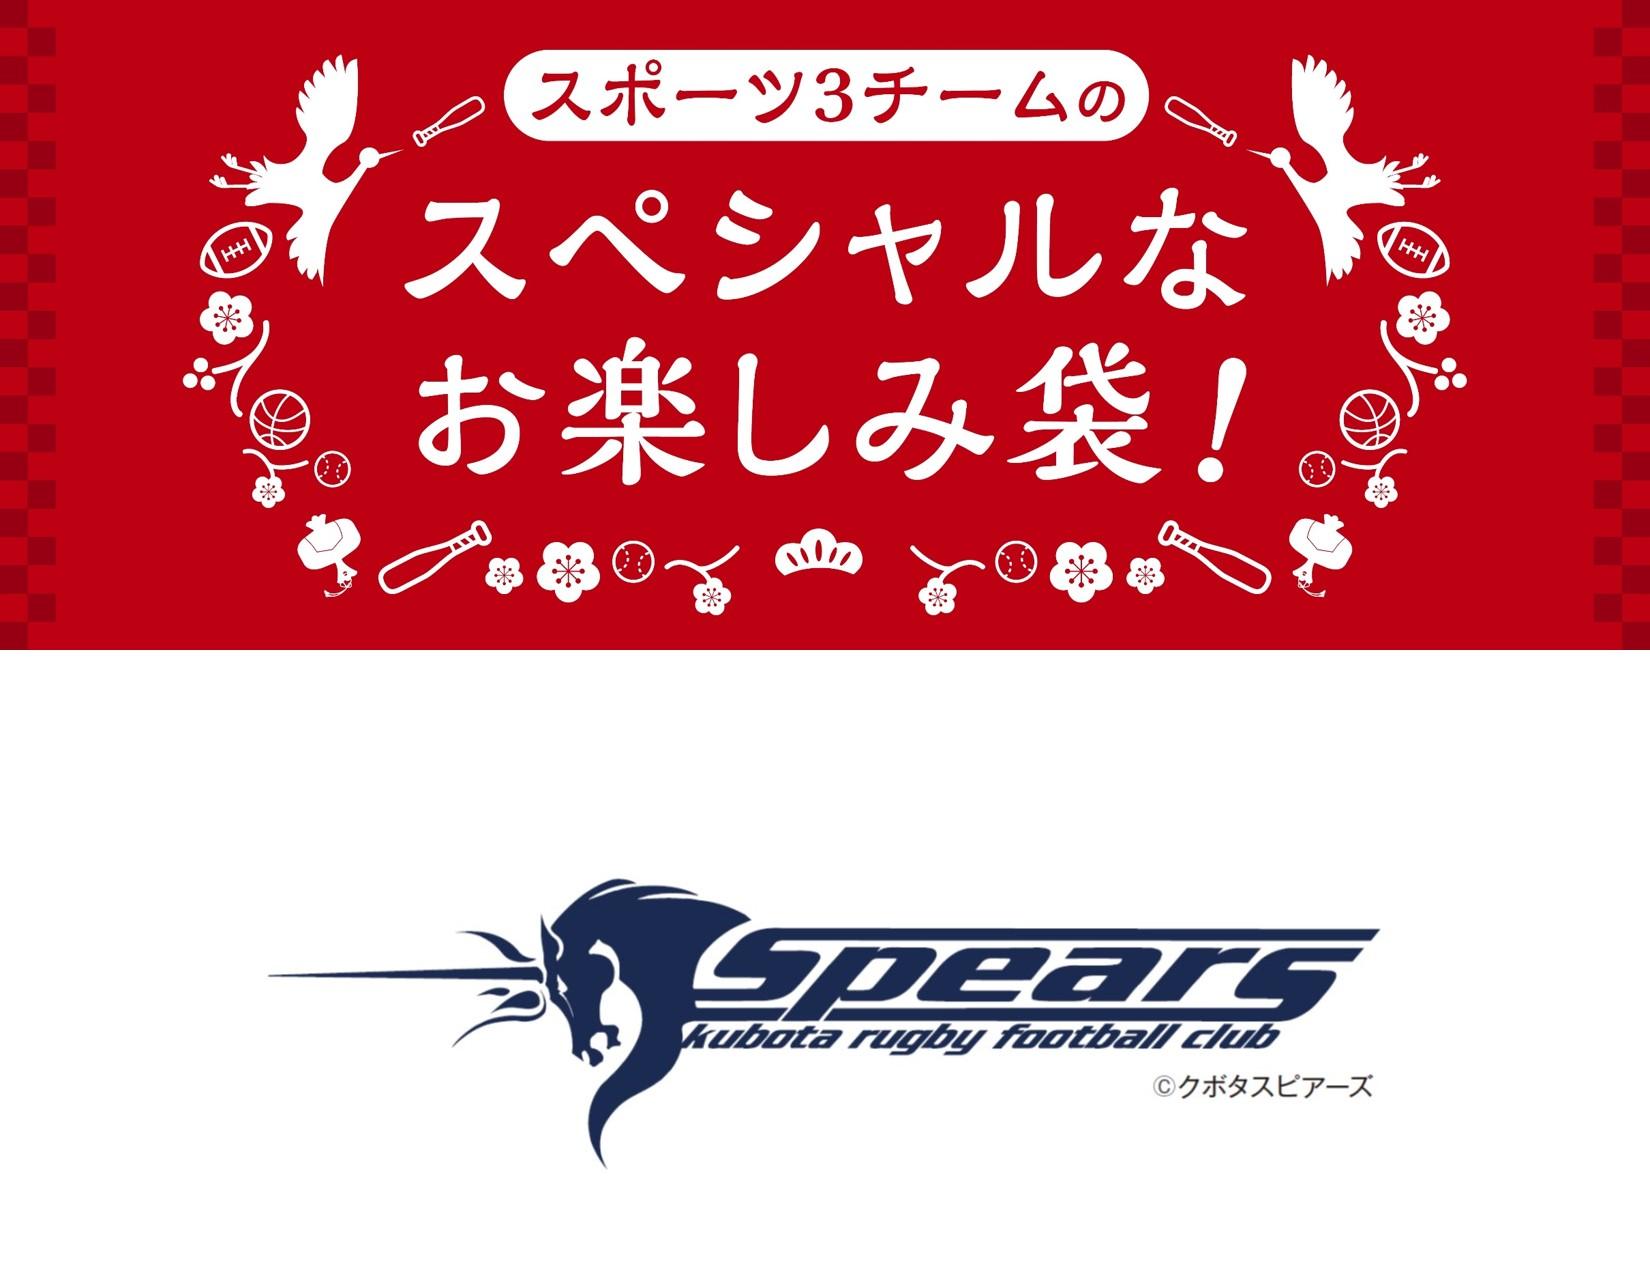 ラグビートップリーグ所属「クボタスピアーズ」のスペシャルなお楽しみ袋が登場!